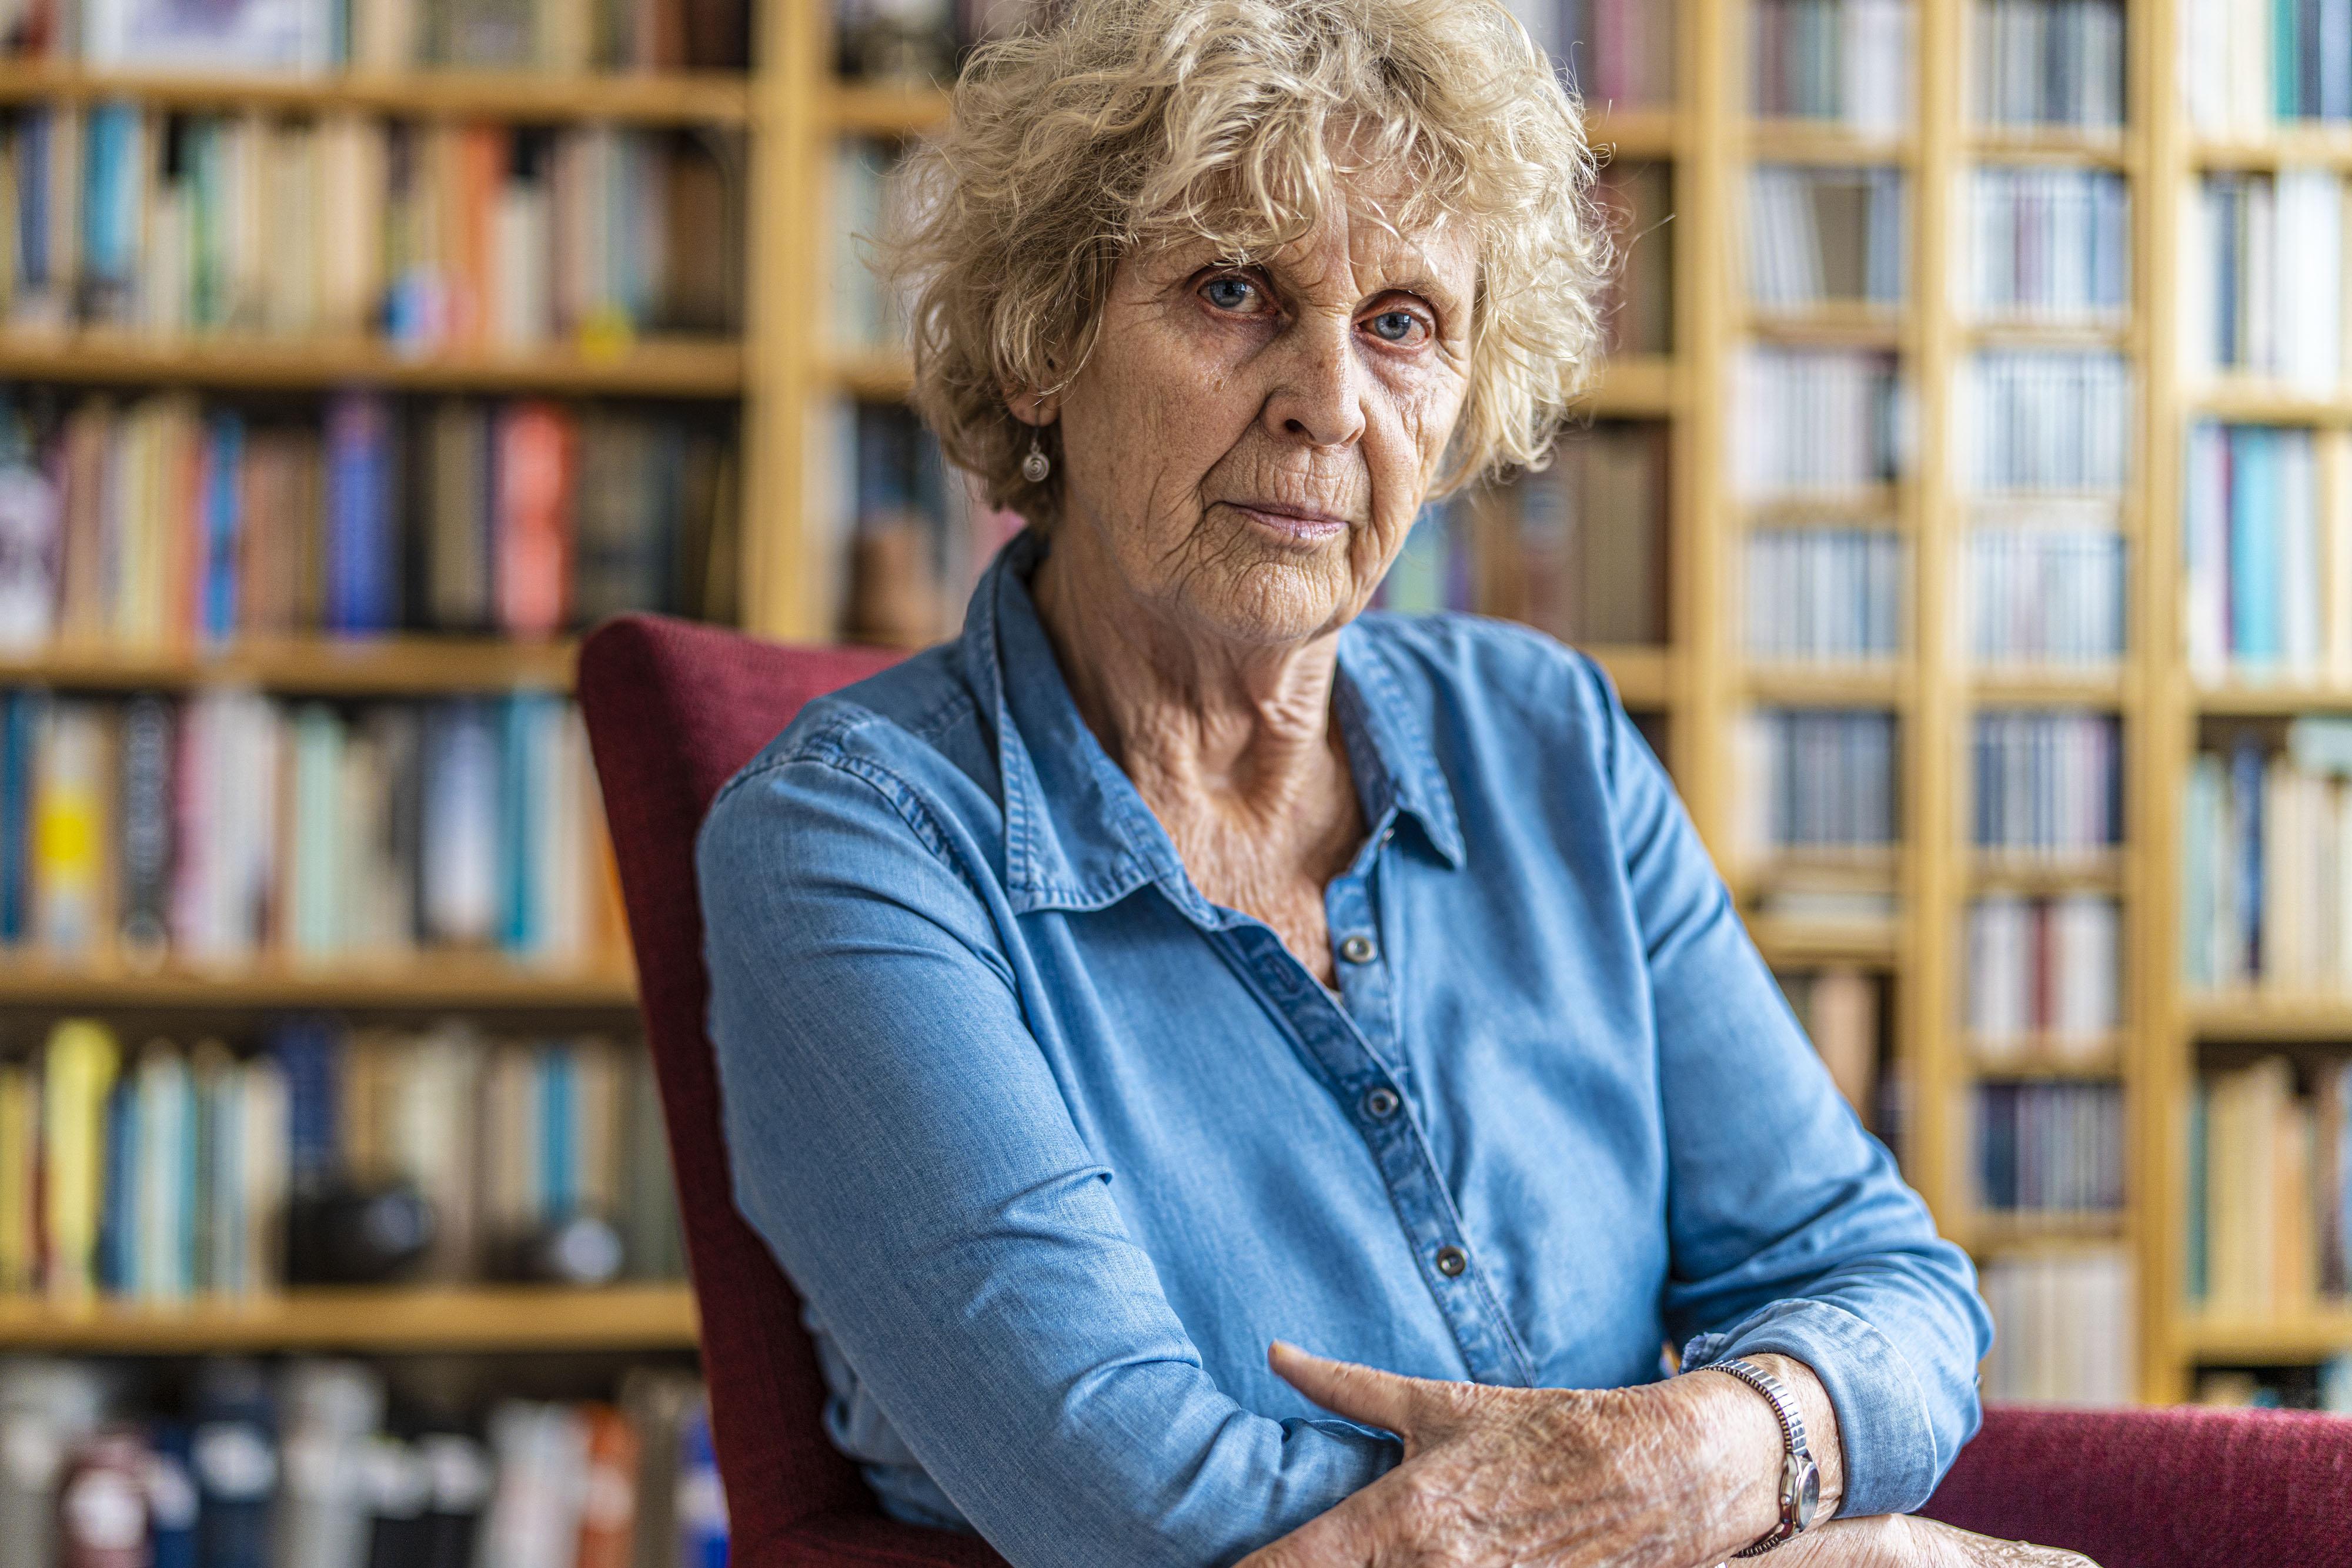 Leidse schrijfster Marijke Teeuw (74) schrijft verhalenbundel over mensen aan de zelfkant van de maatschappij